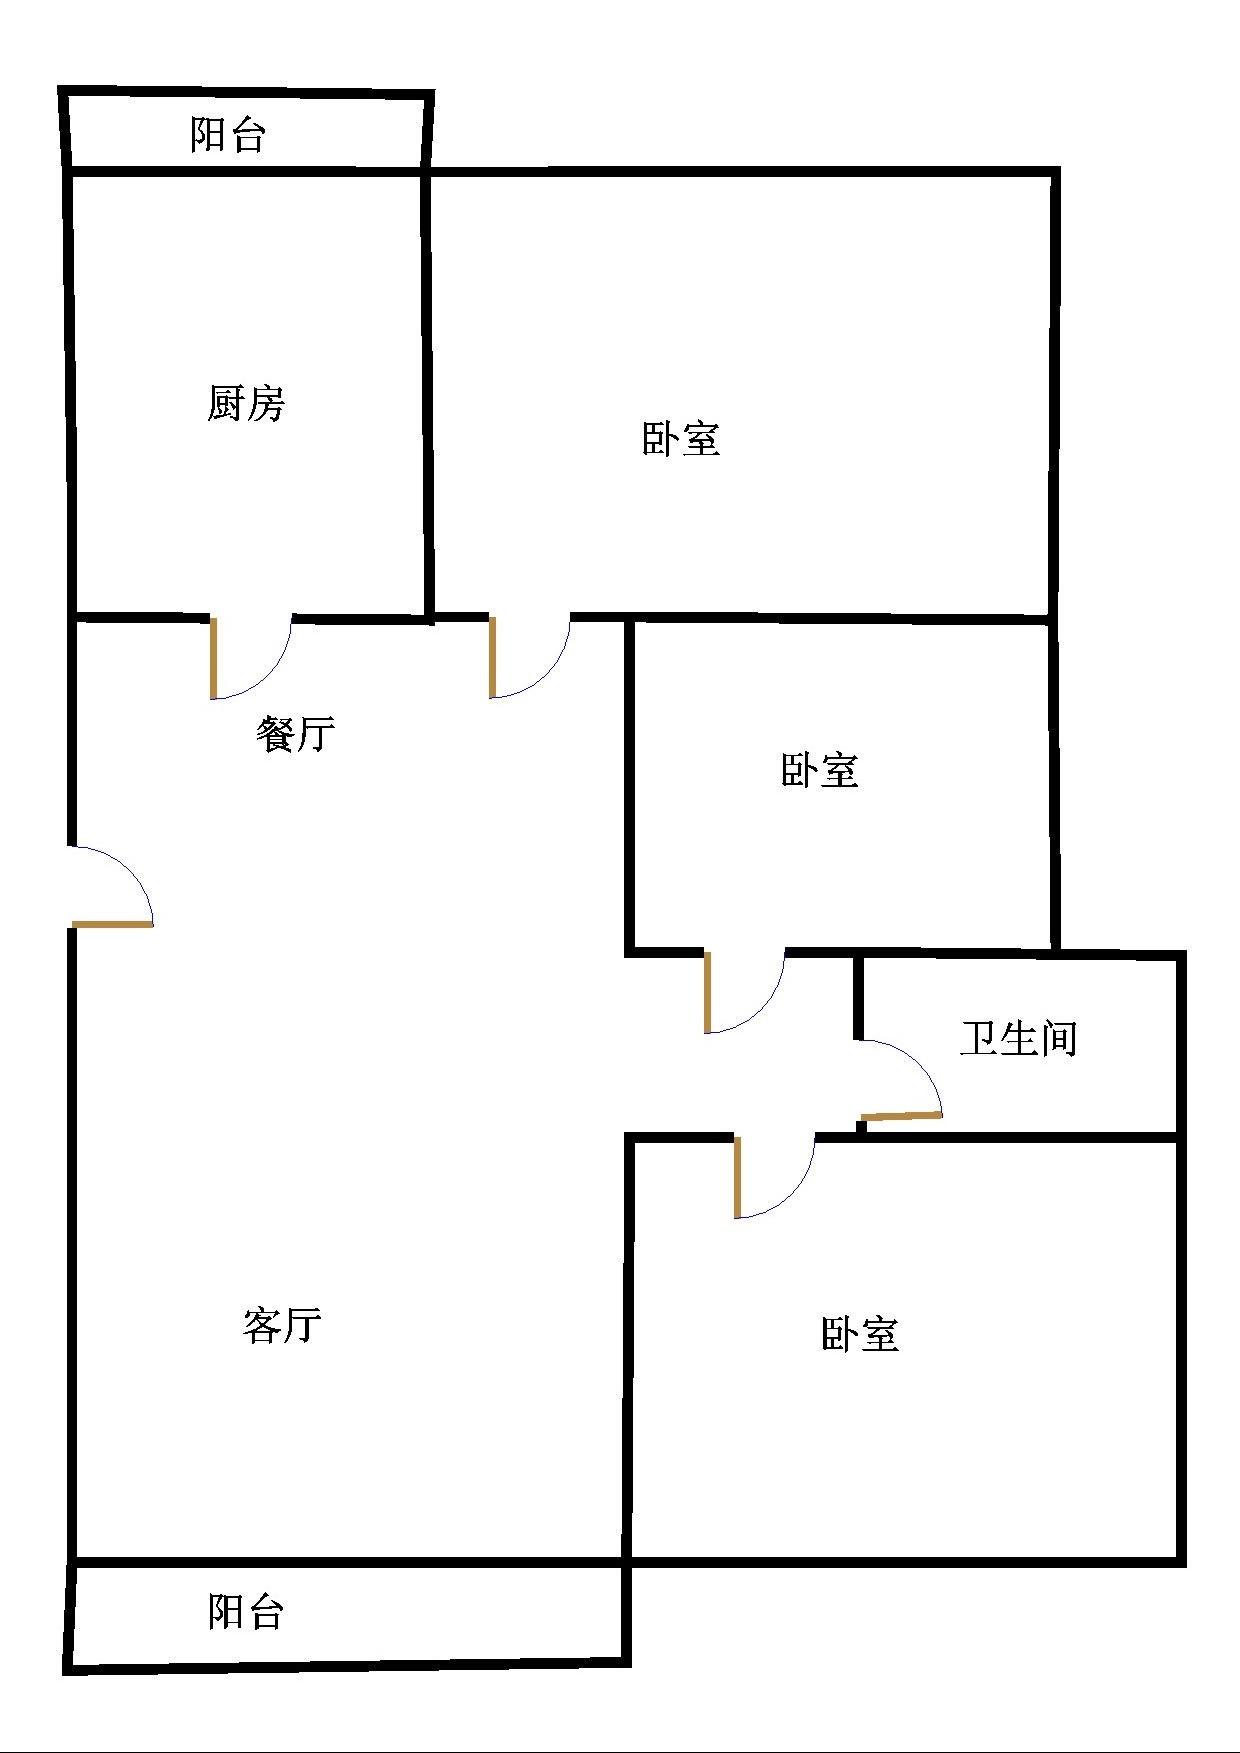 唐人中心 3室2厅 双证齐全 简装 133万